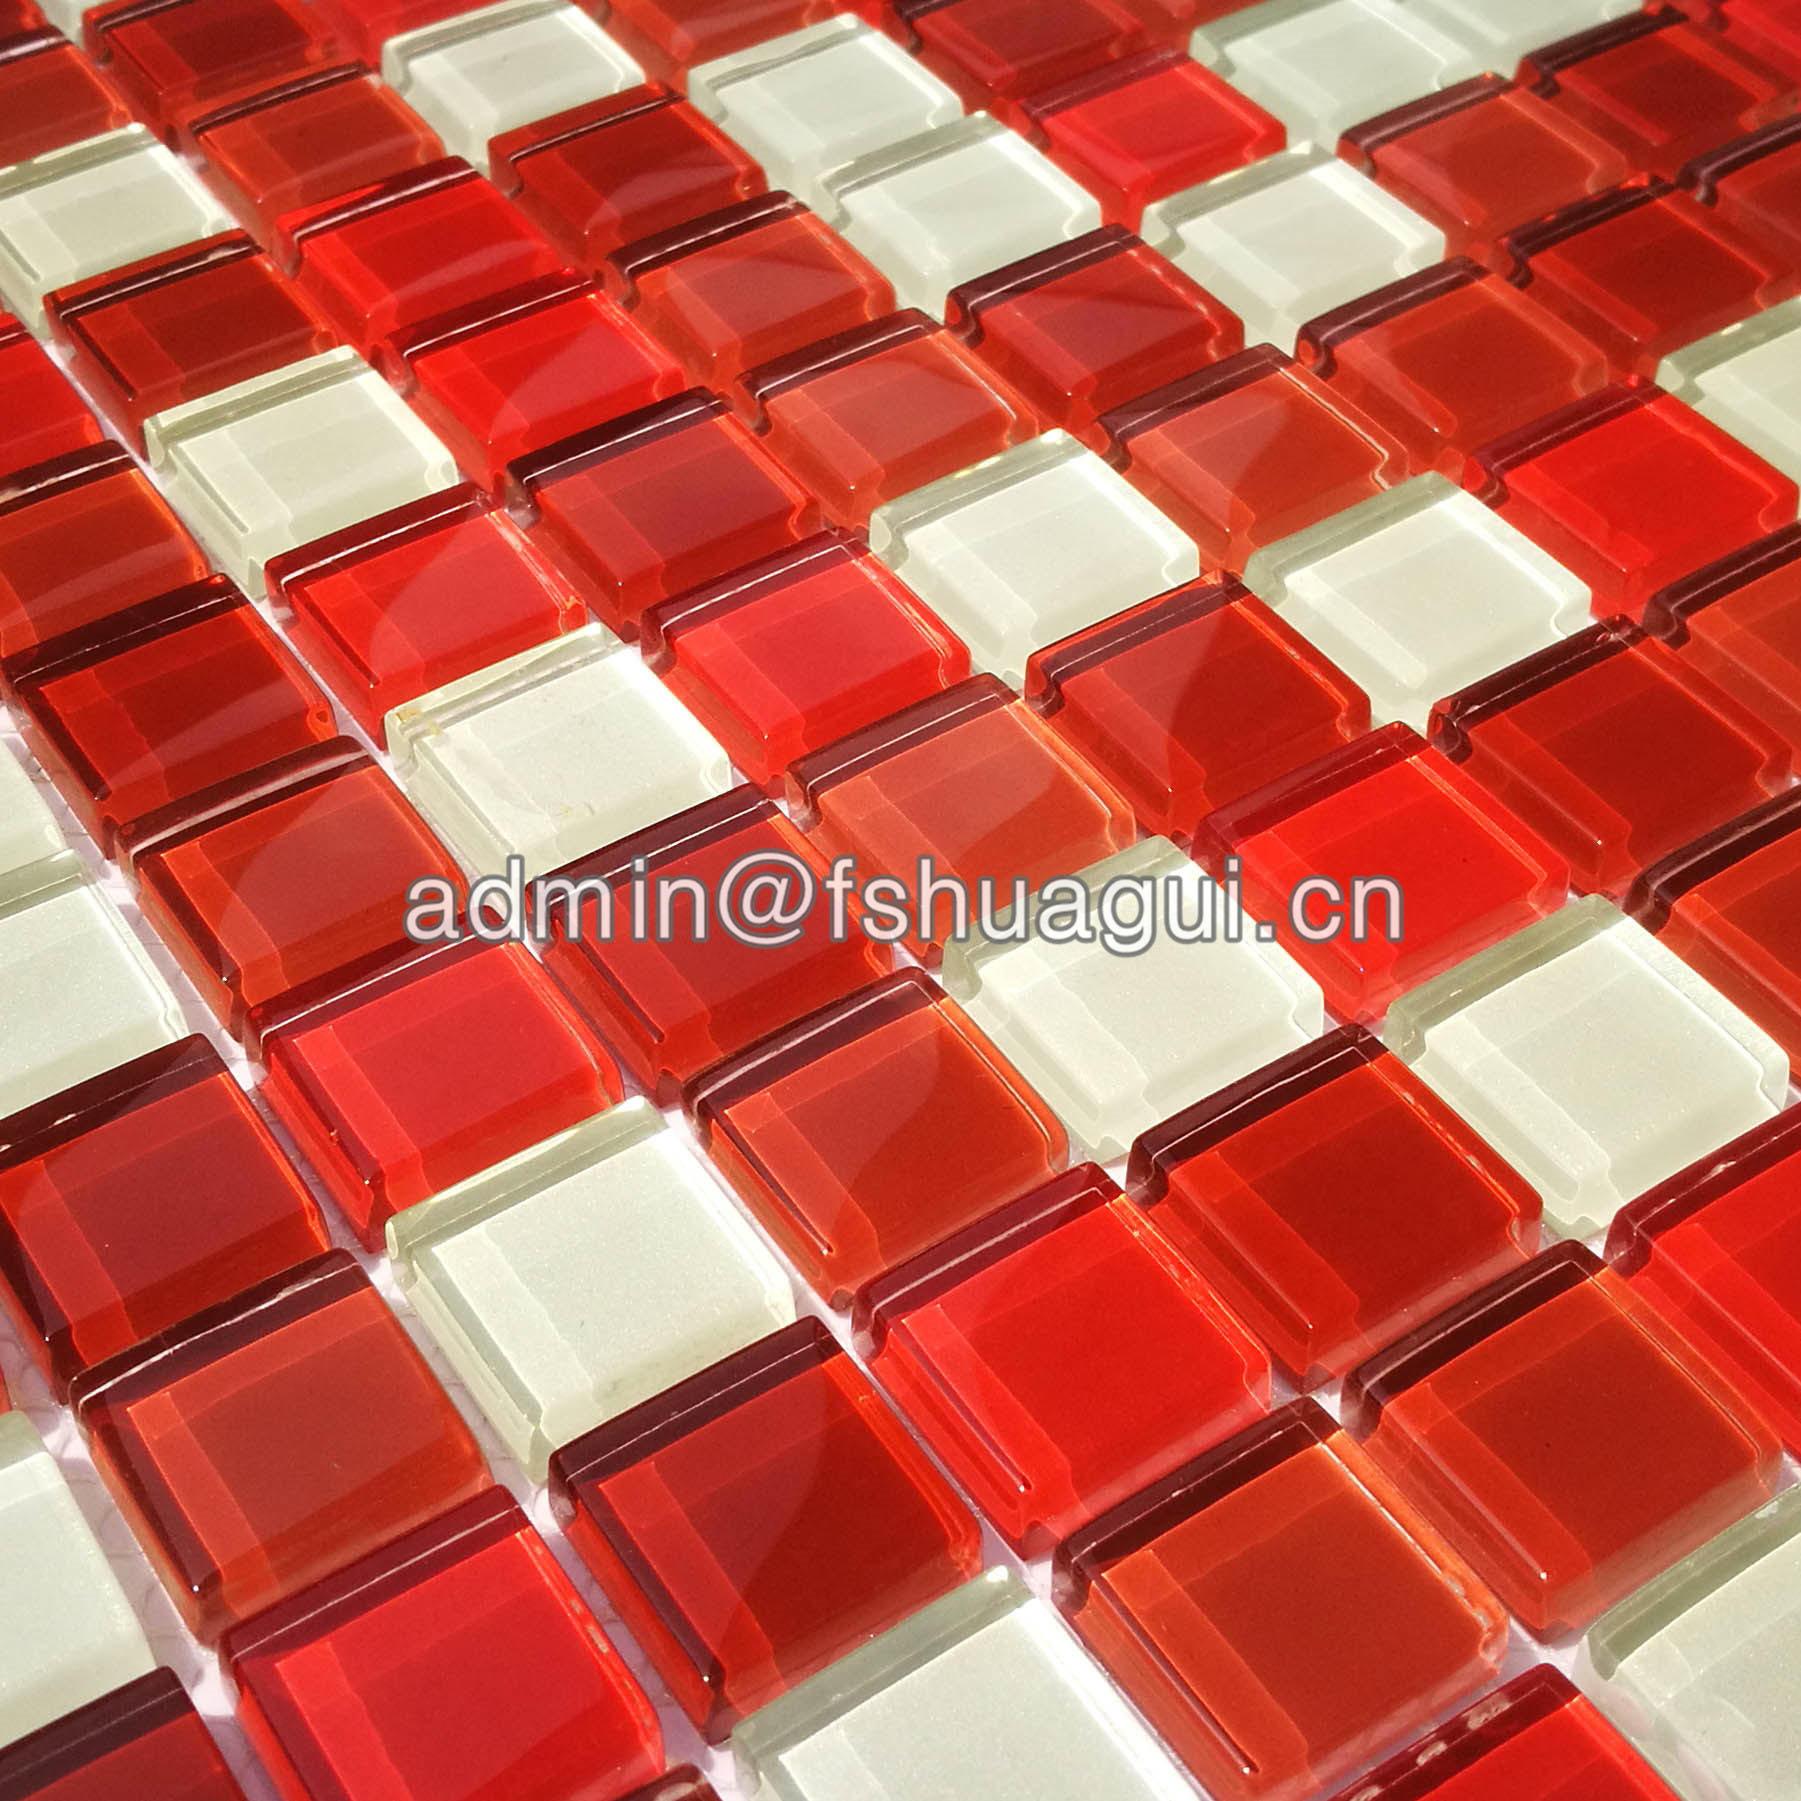 Abbott random sized glass mosaic tile in multi-red HG-LP82301